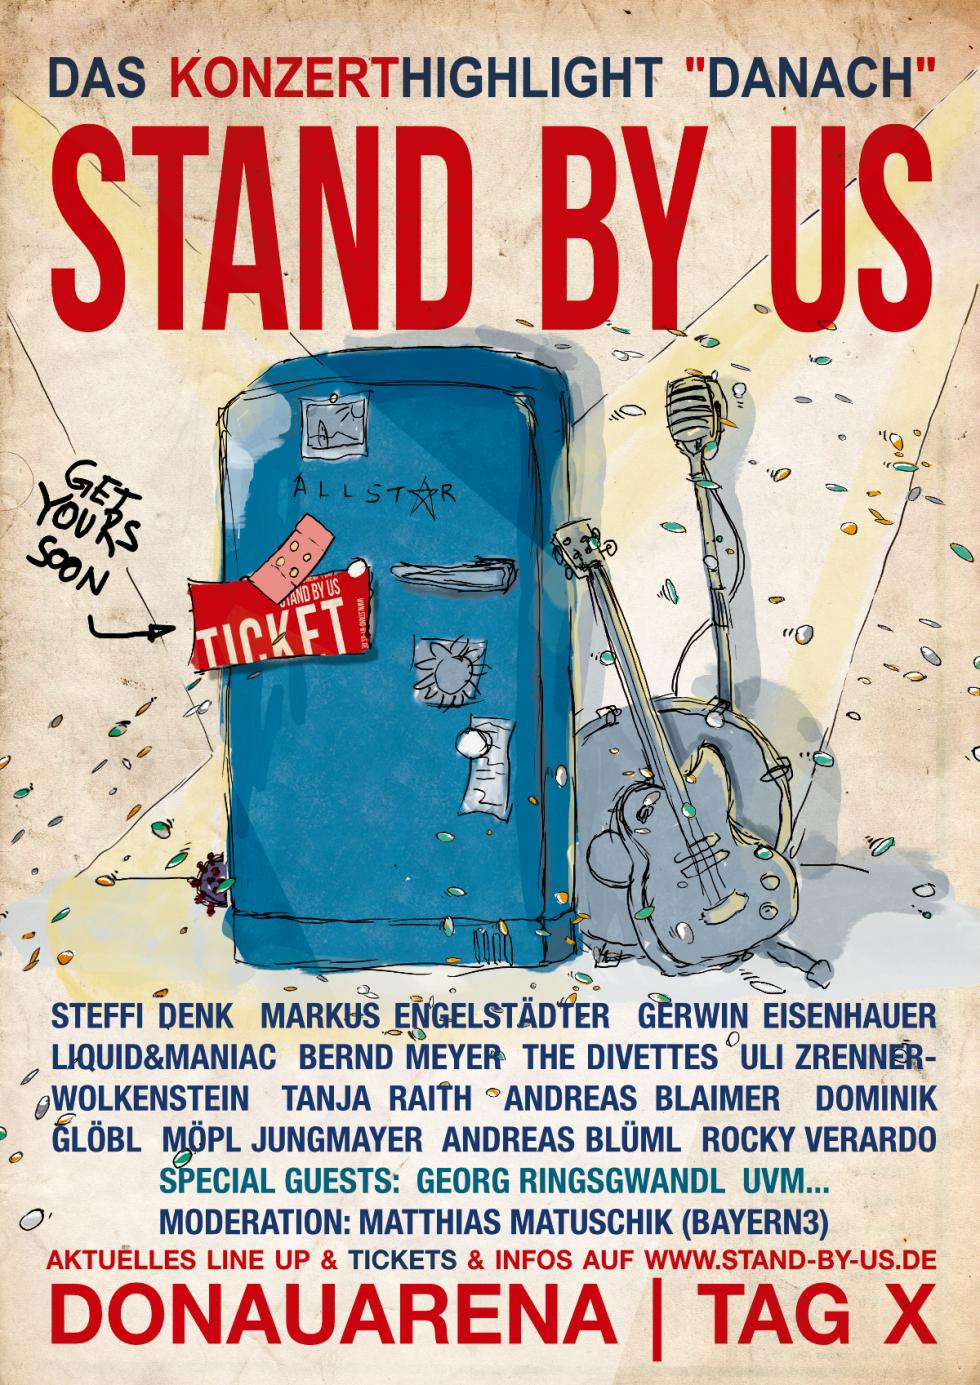 STAND BY US - Das Konzert